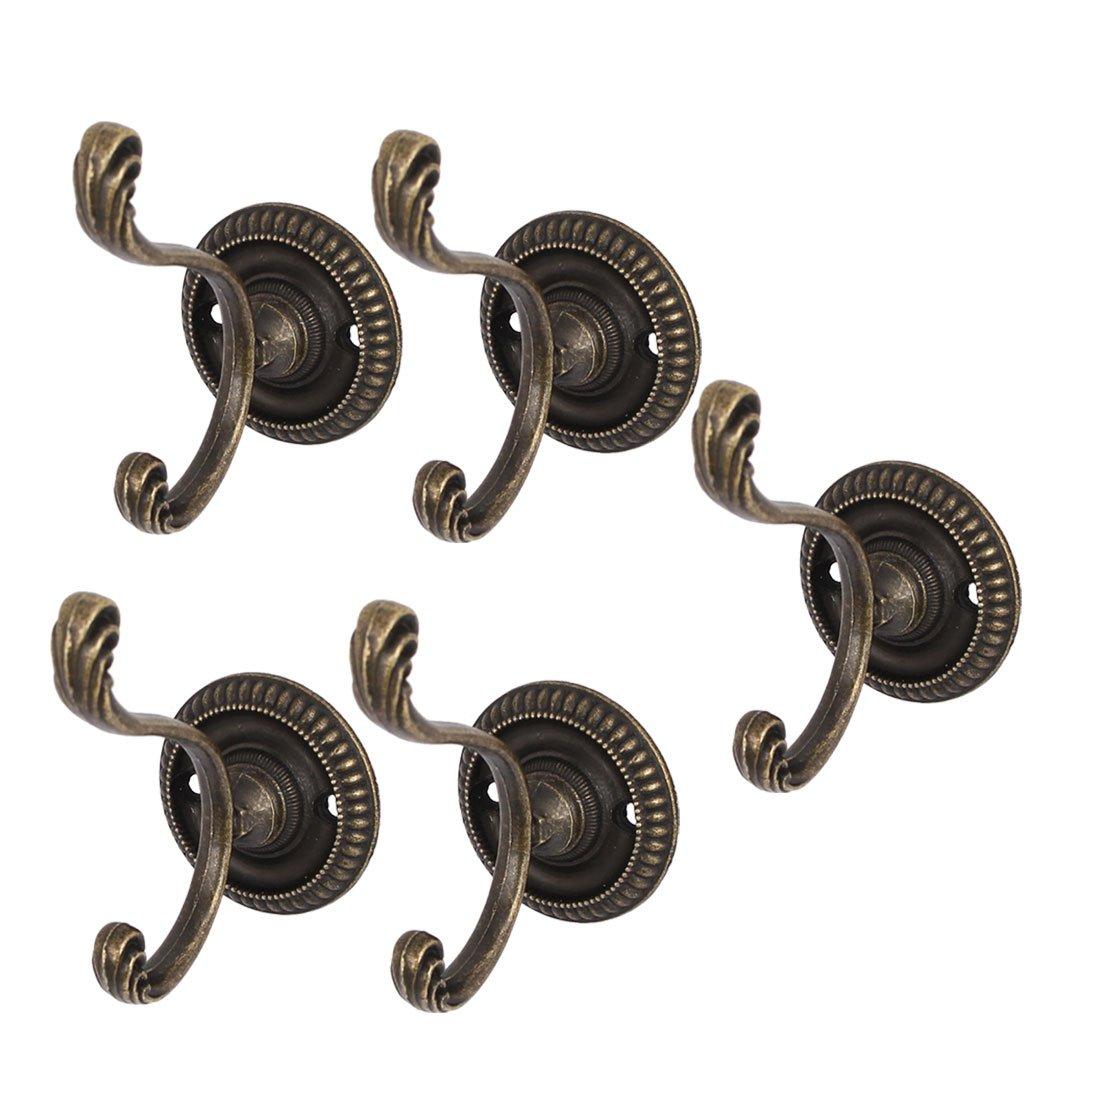 uxcell Bathroom Door Hat Coat Hooks Wall Hanger 5pcs w Screws